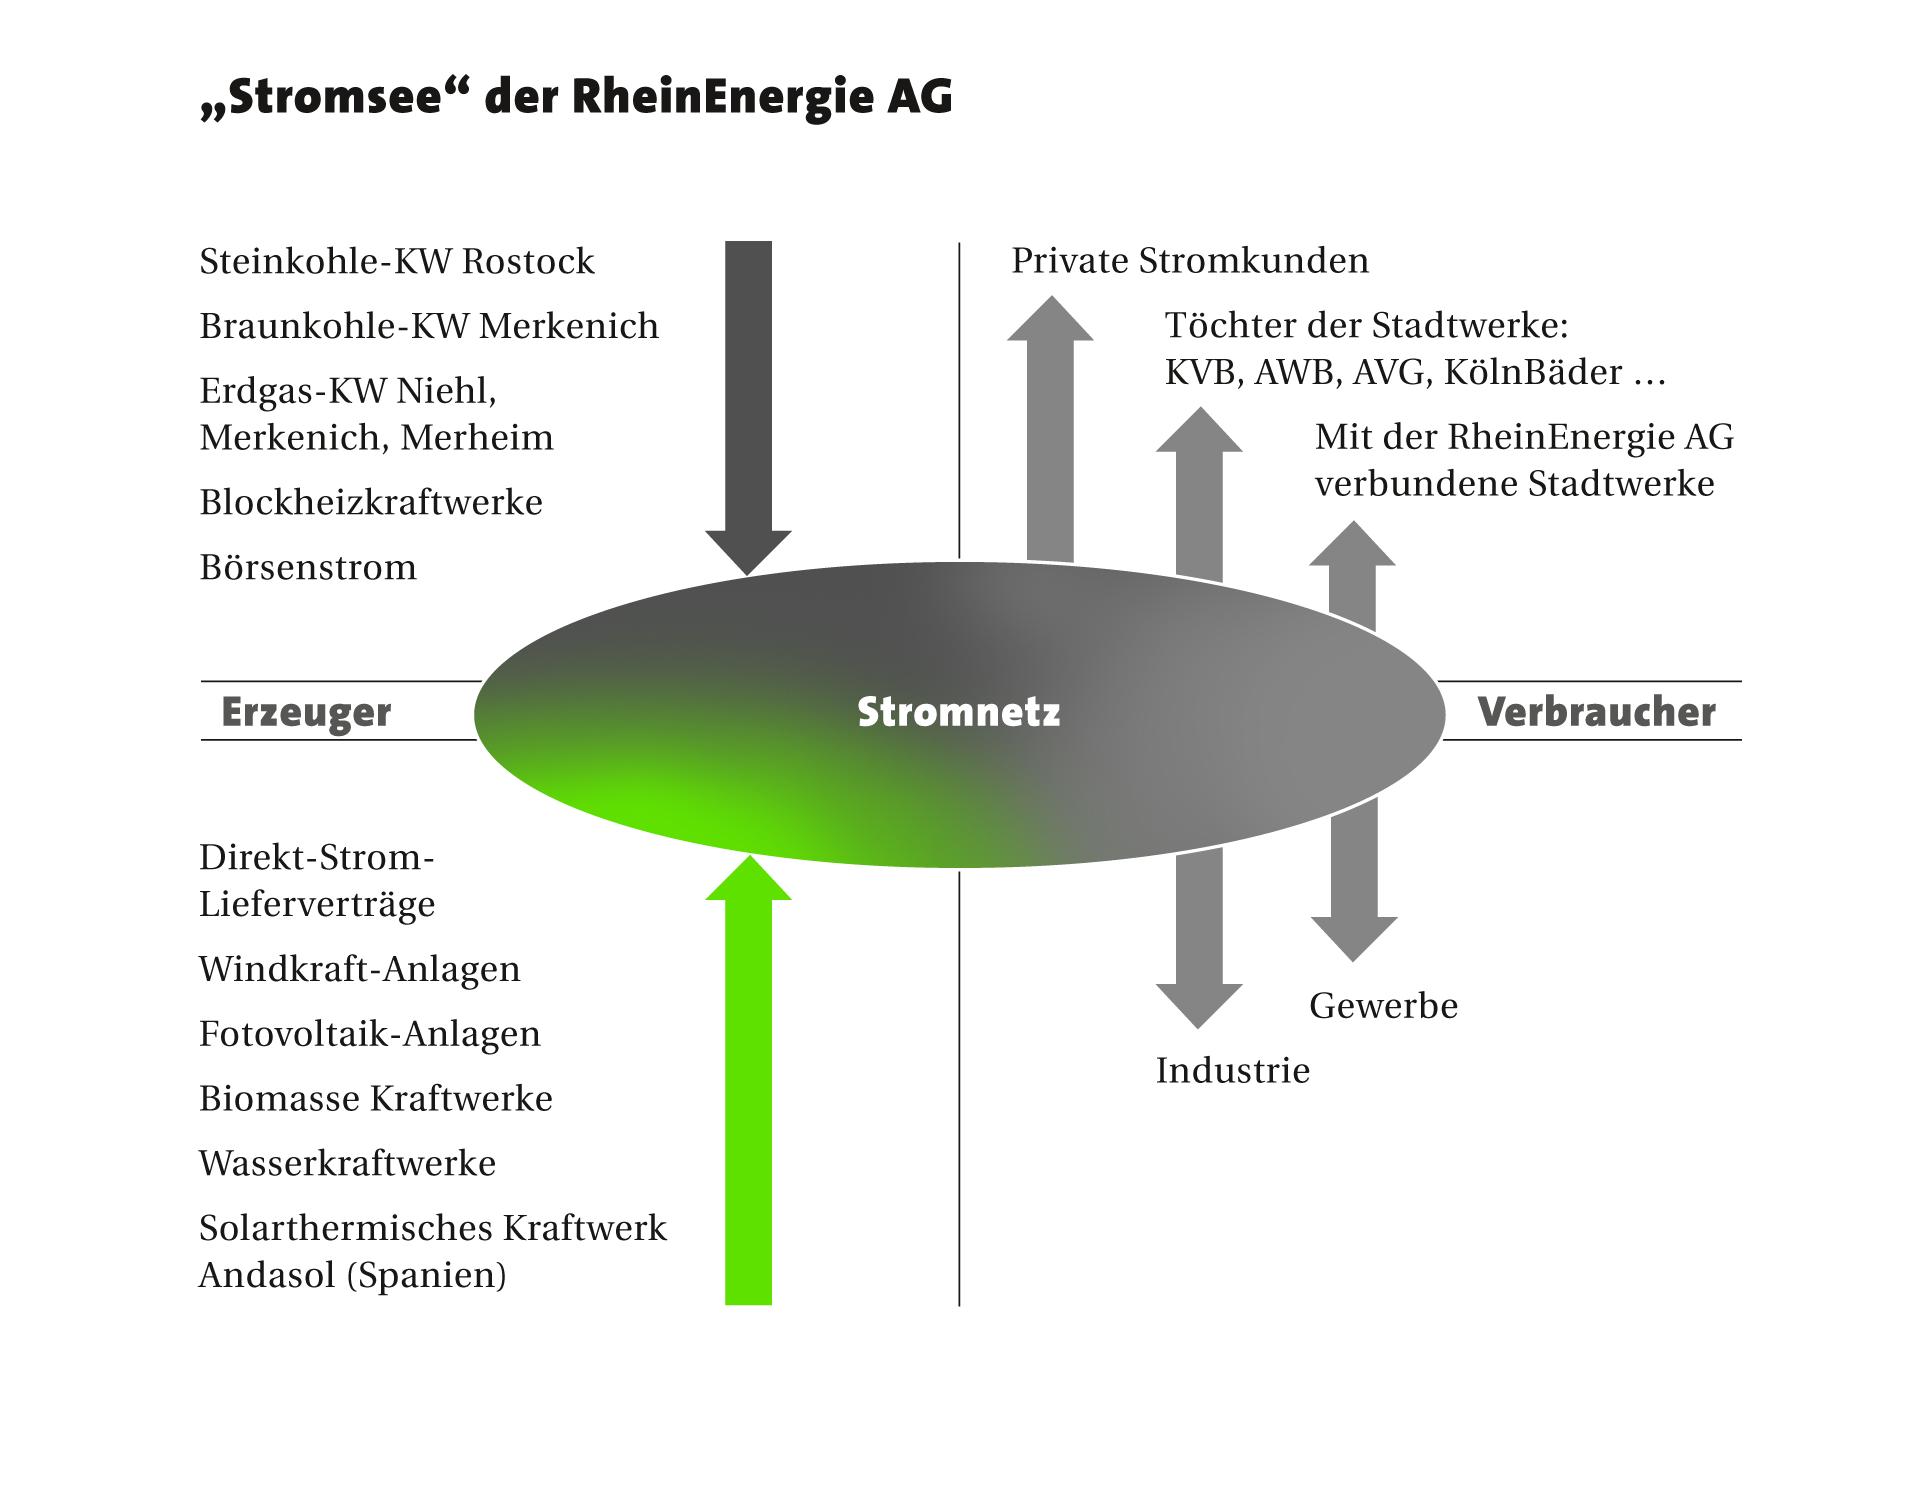 Stromsee der RheinEnergie